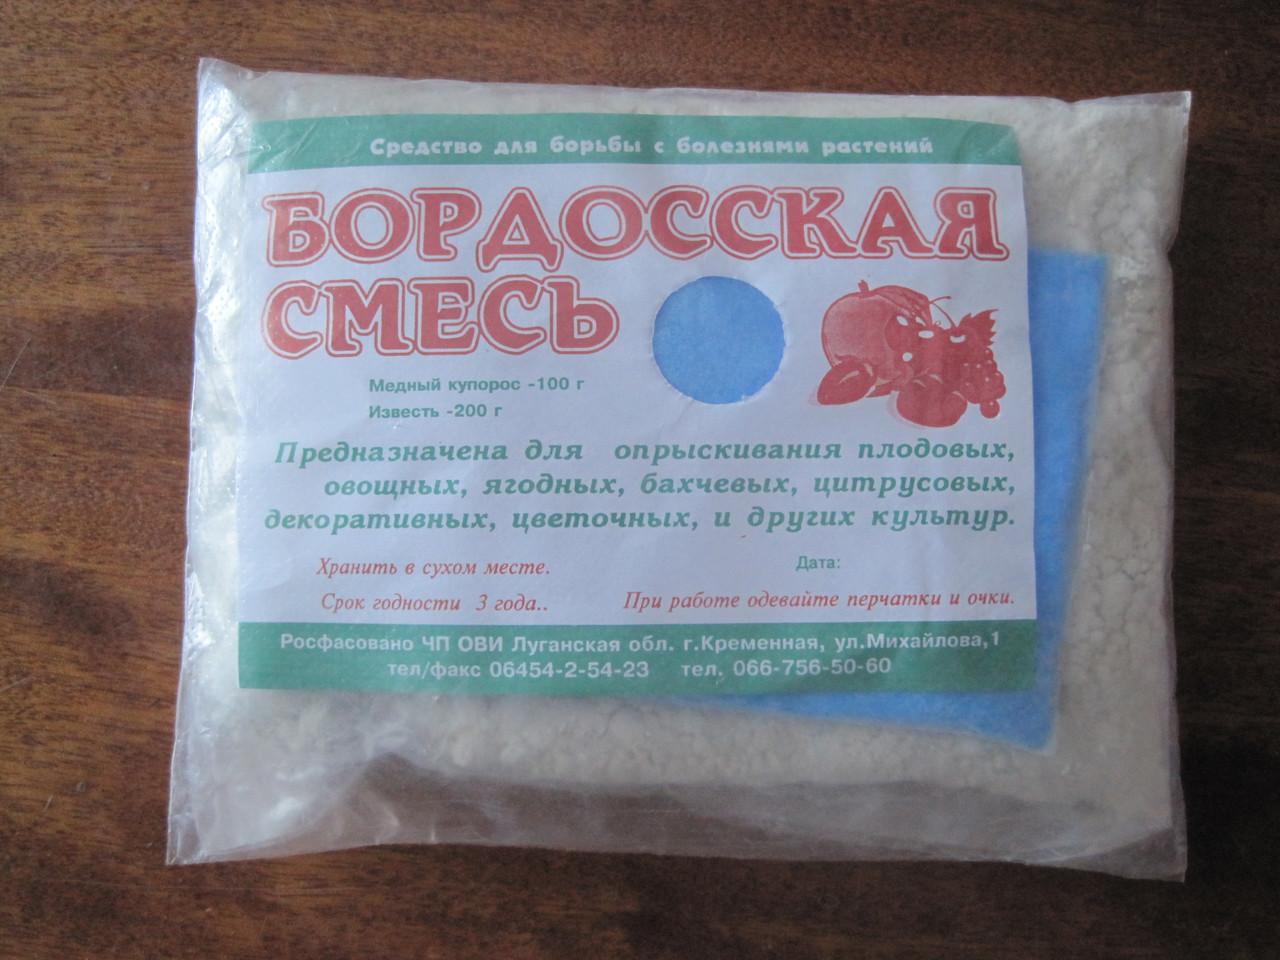 Бордосская смесь для овощей 0,3кг купить в Киеве, фото 1